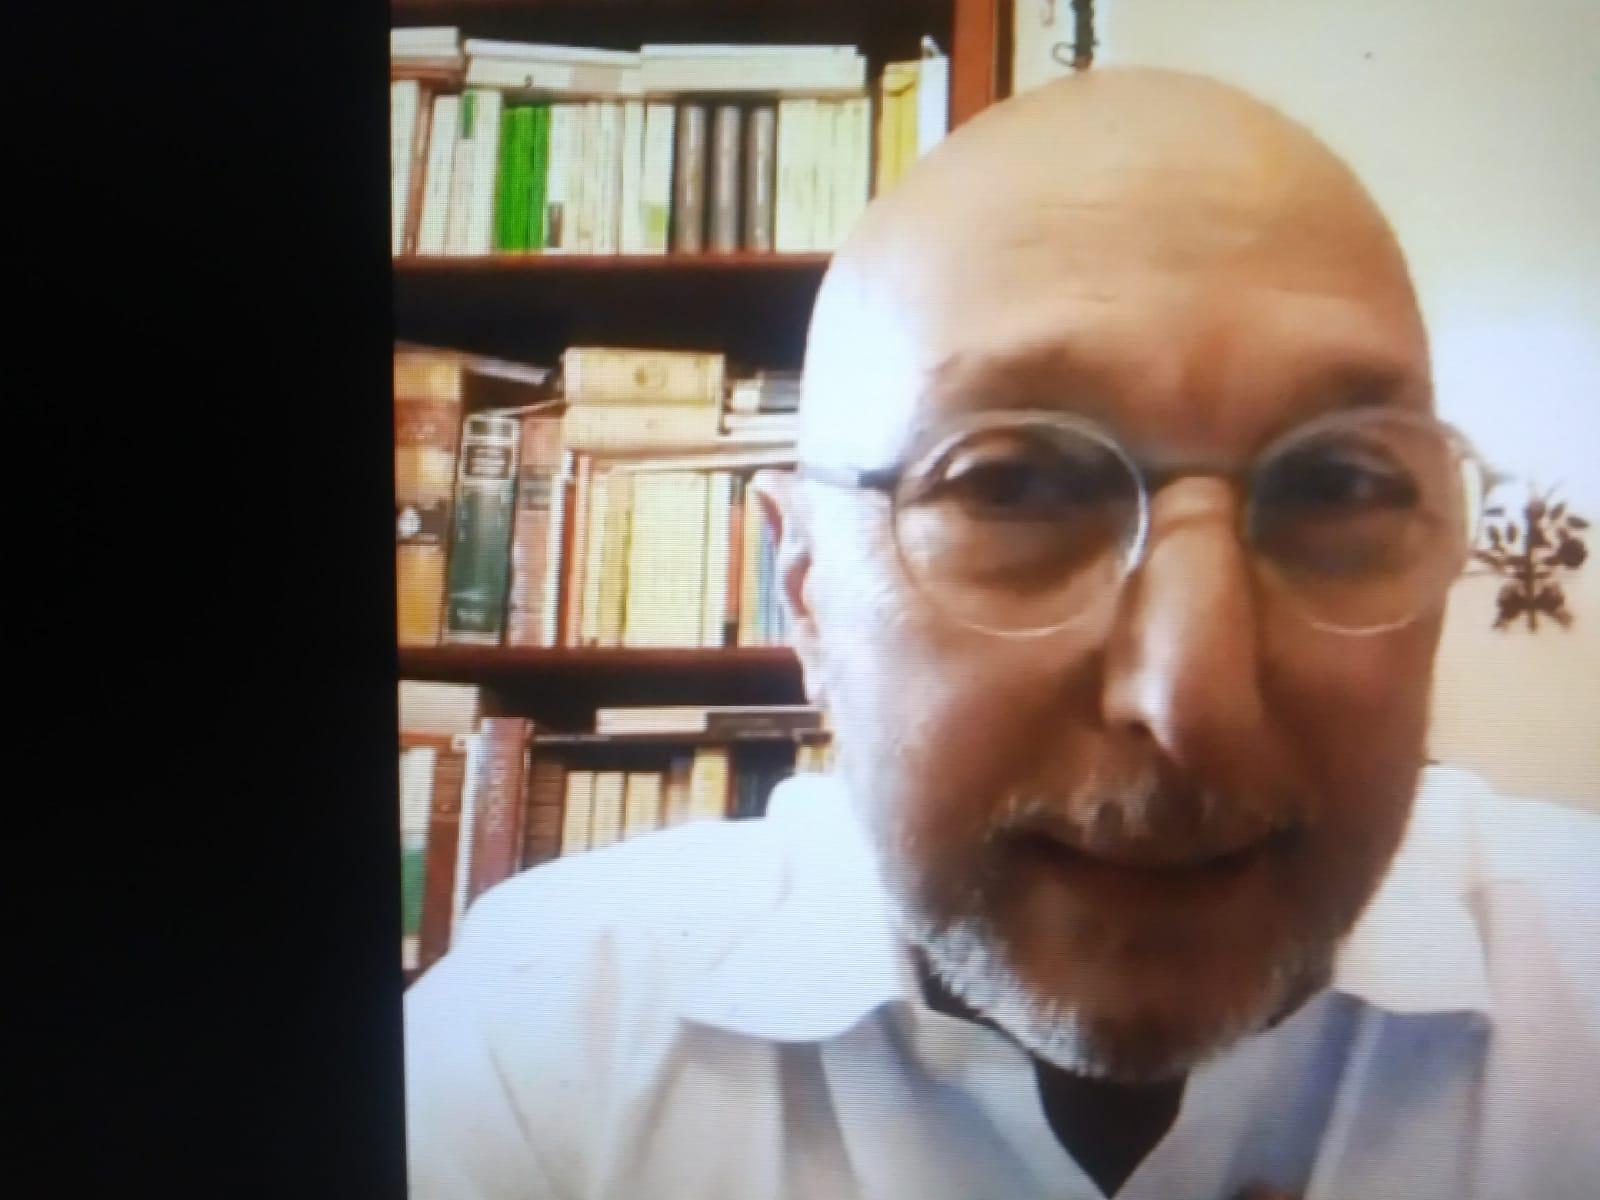 foto del poeta Fabrizio Sapio che, in primo piano, indossa barba, occhiali dalla montatura trasparente e camicia bianca.